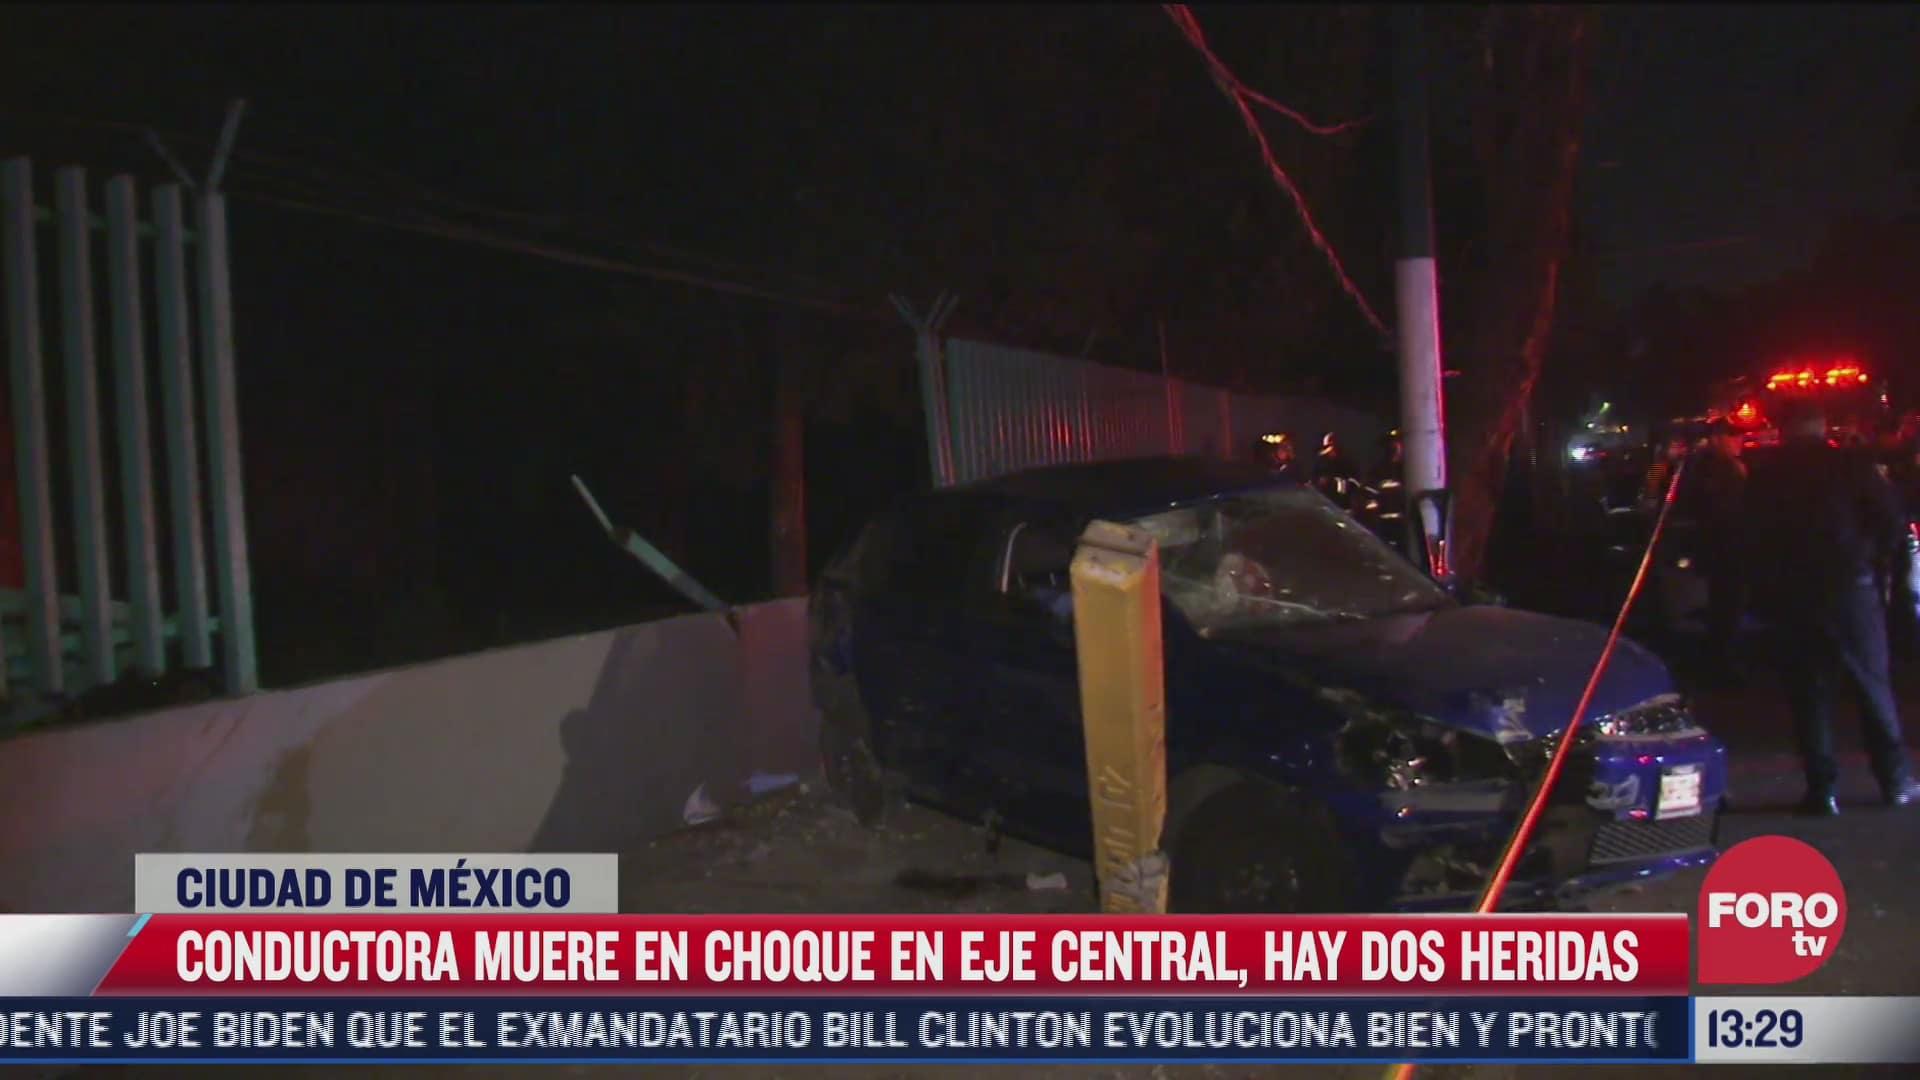 conductora muere en choque en eje central hay dos heridas